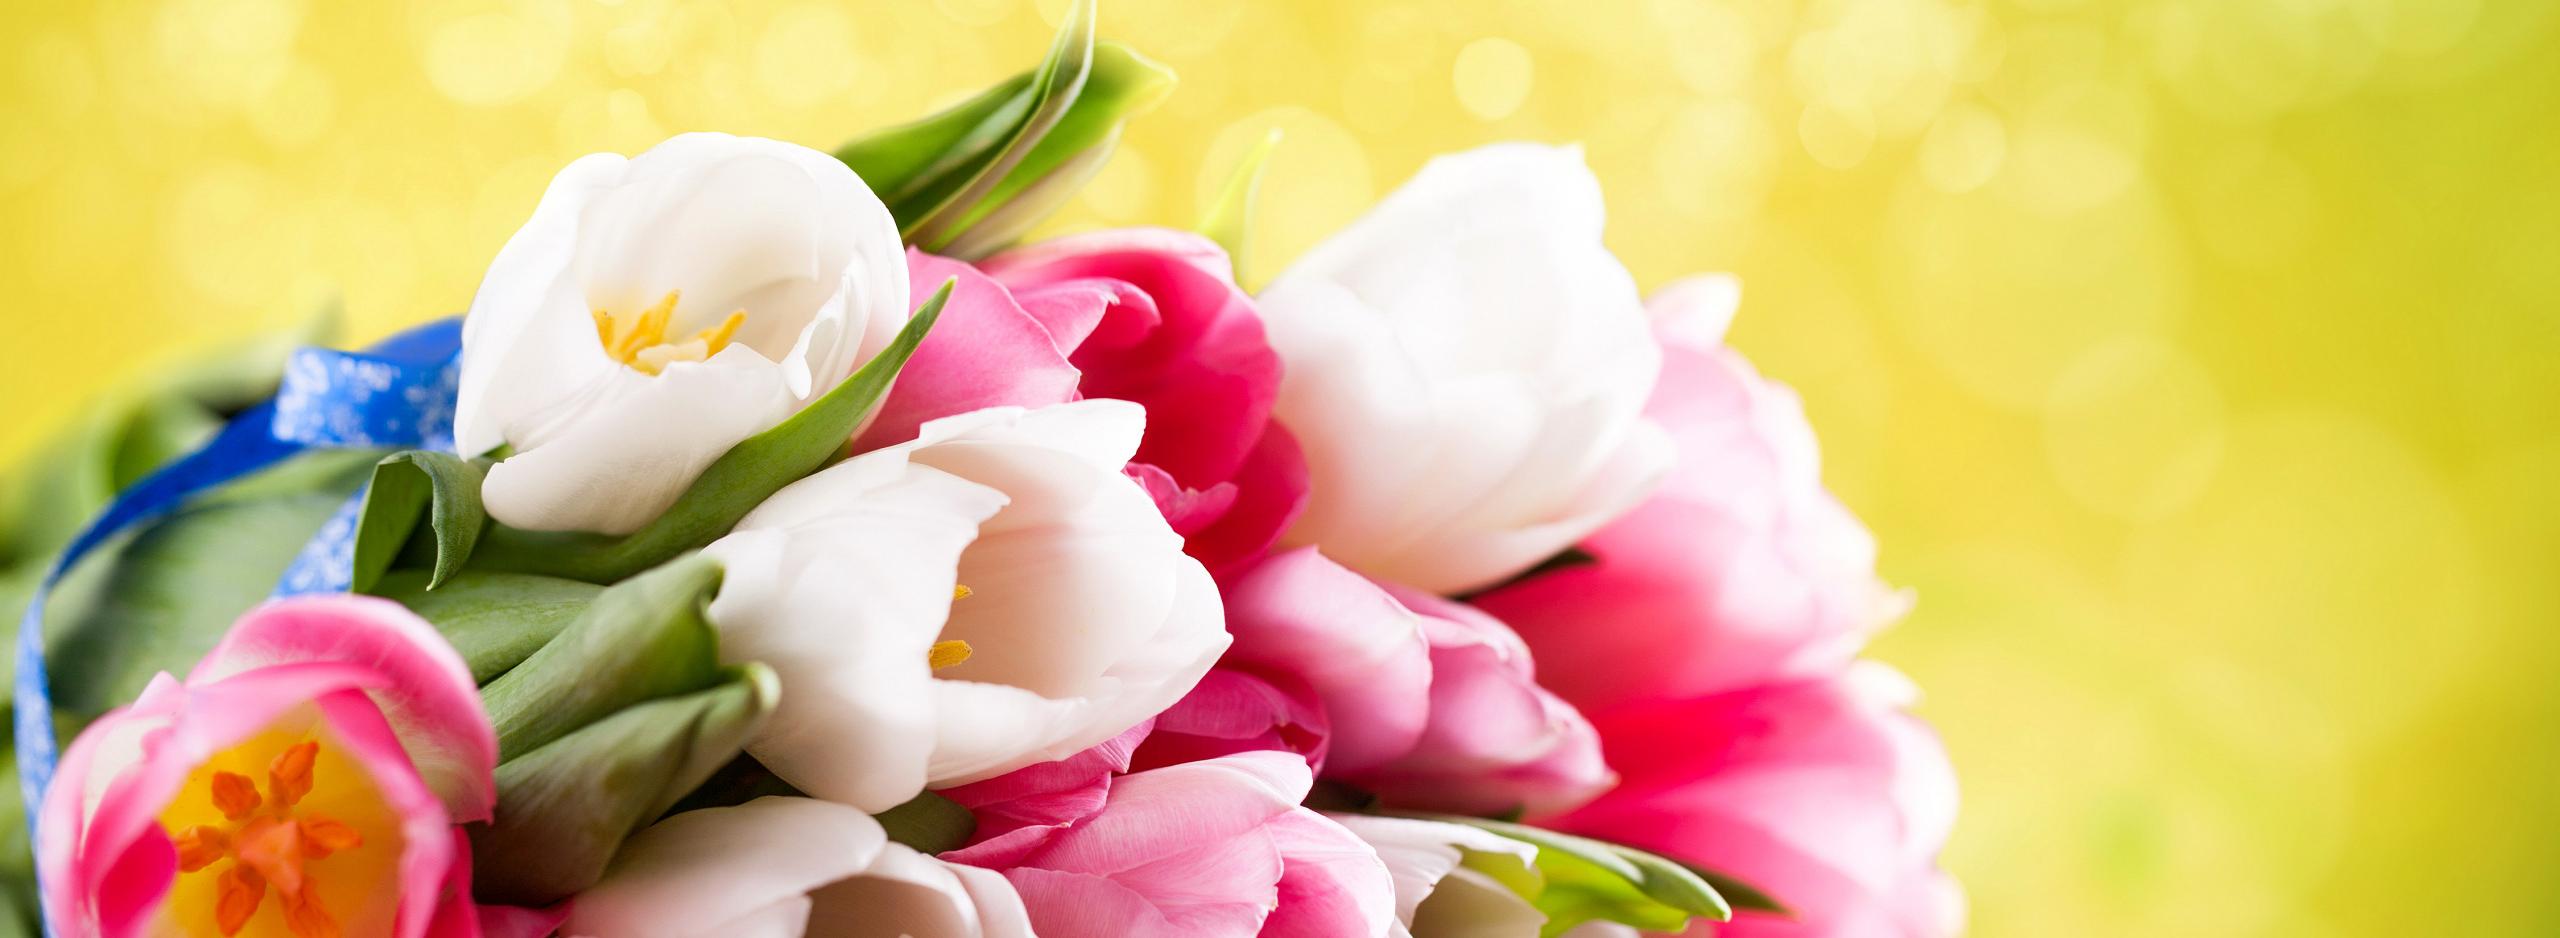 Милые дамы, поздравляем с праздником 8 марта!